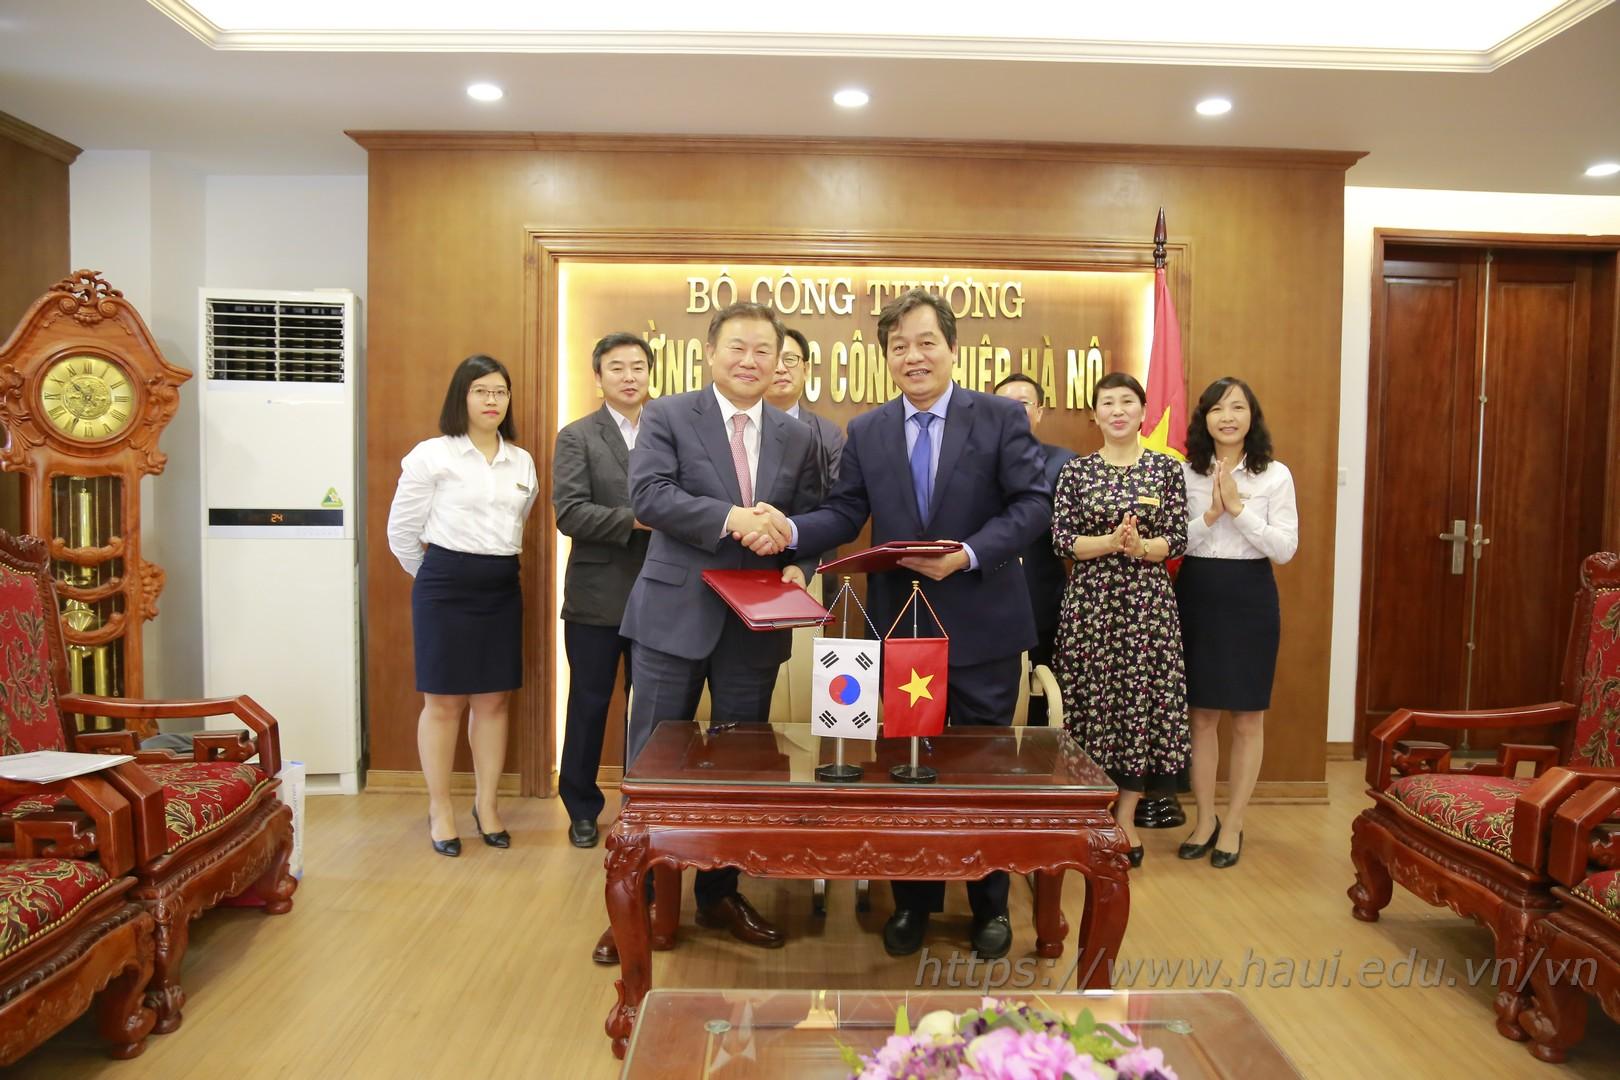 Trường Đại học Công nghiệp Hà Nội ký kết thỏa thuận hợp tác đào tạo với Trường Cao đẳng Kunjang, Hàn Quốc